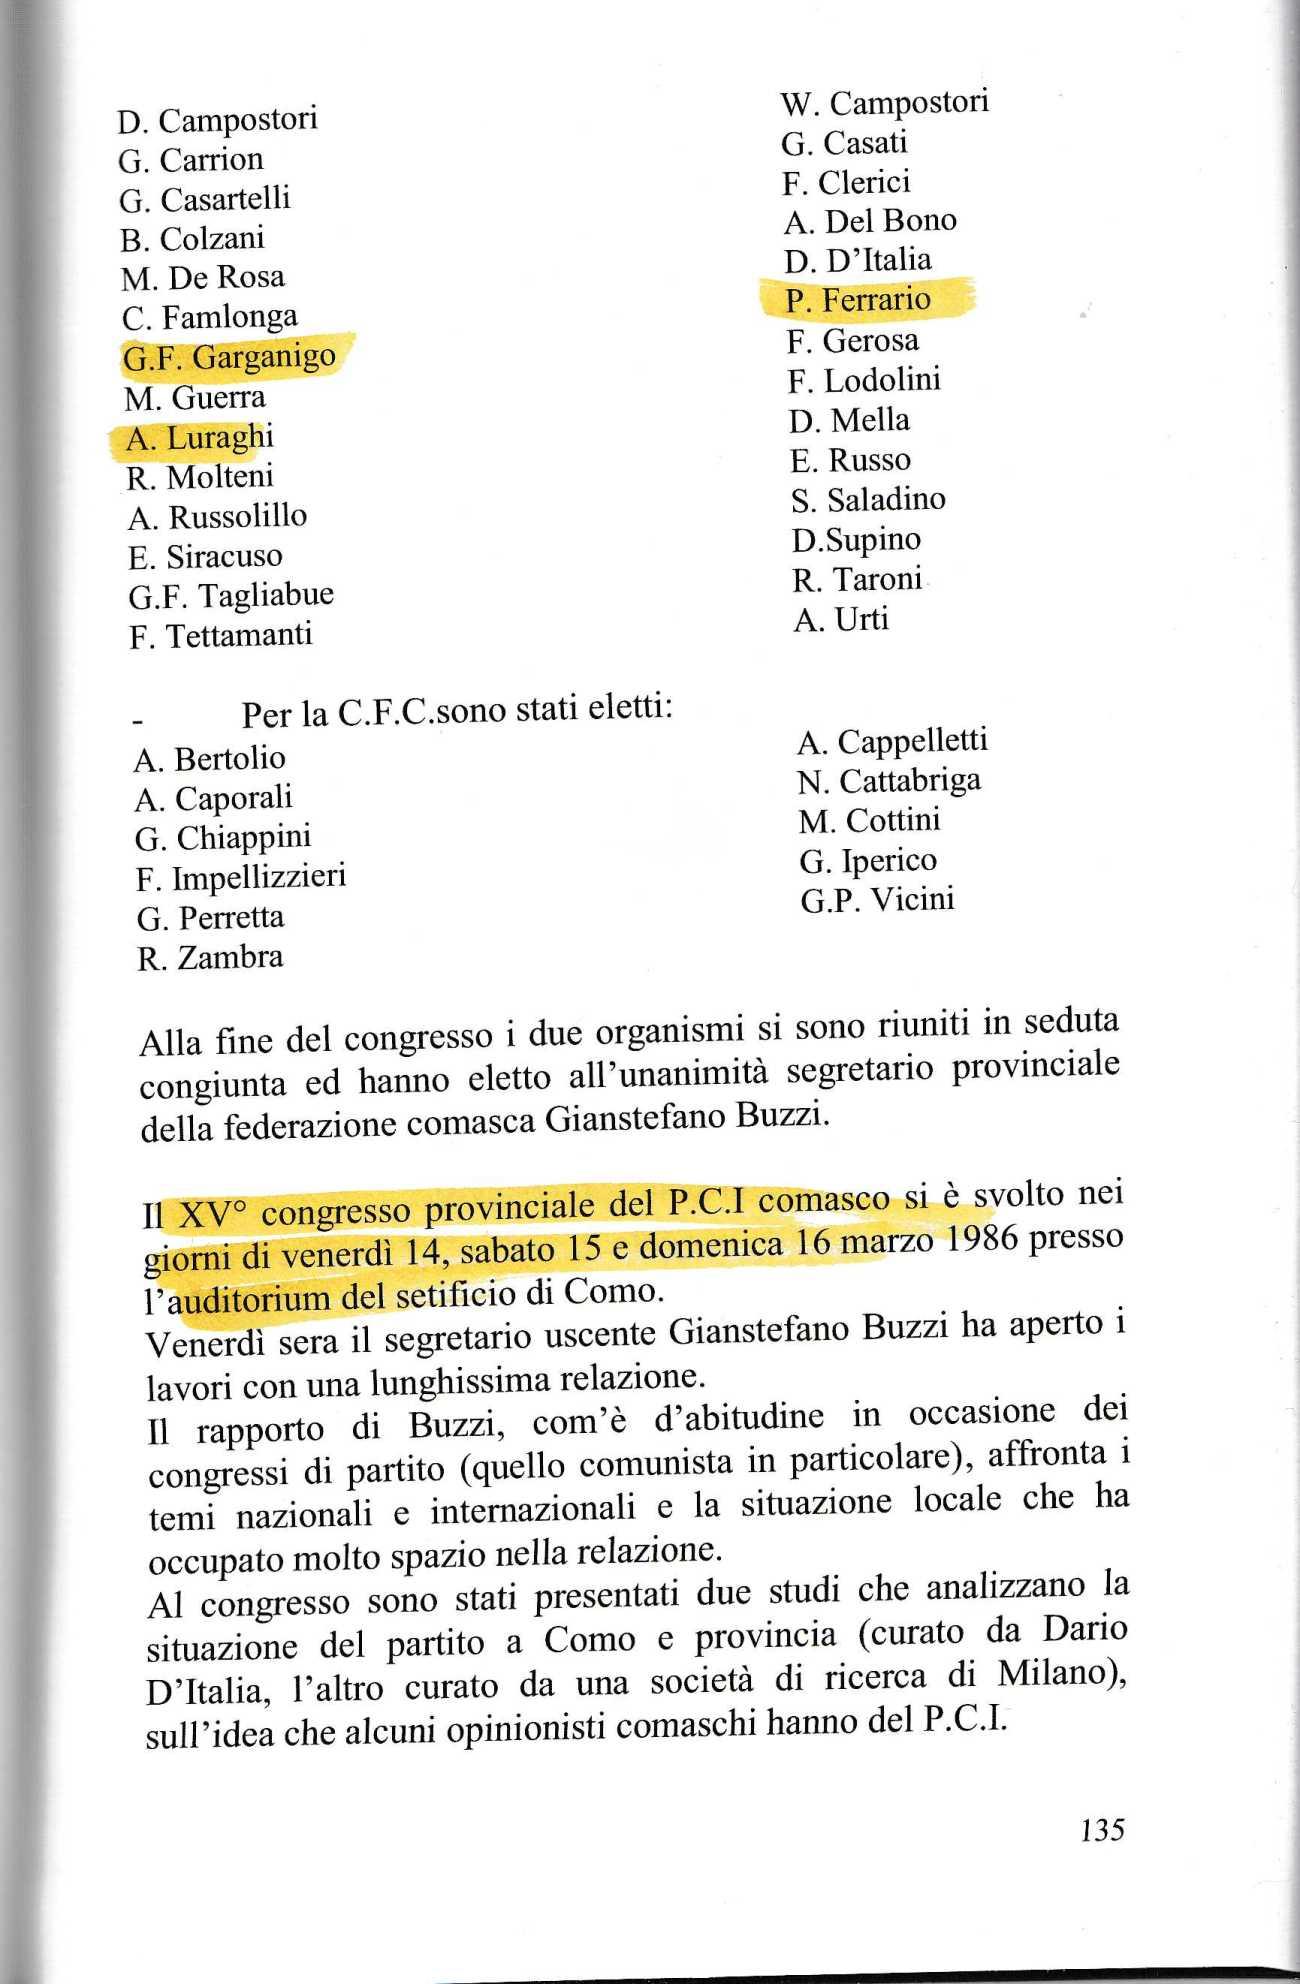 INDAVURU PCI COMO 2398